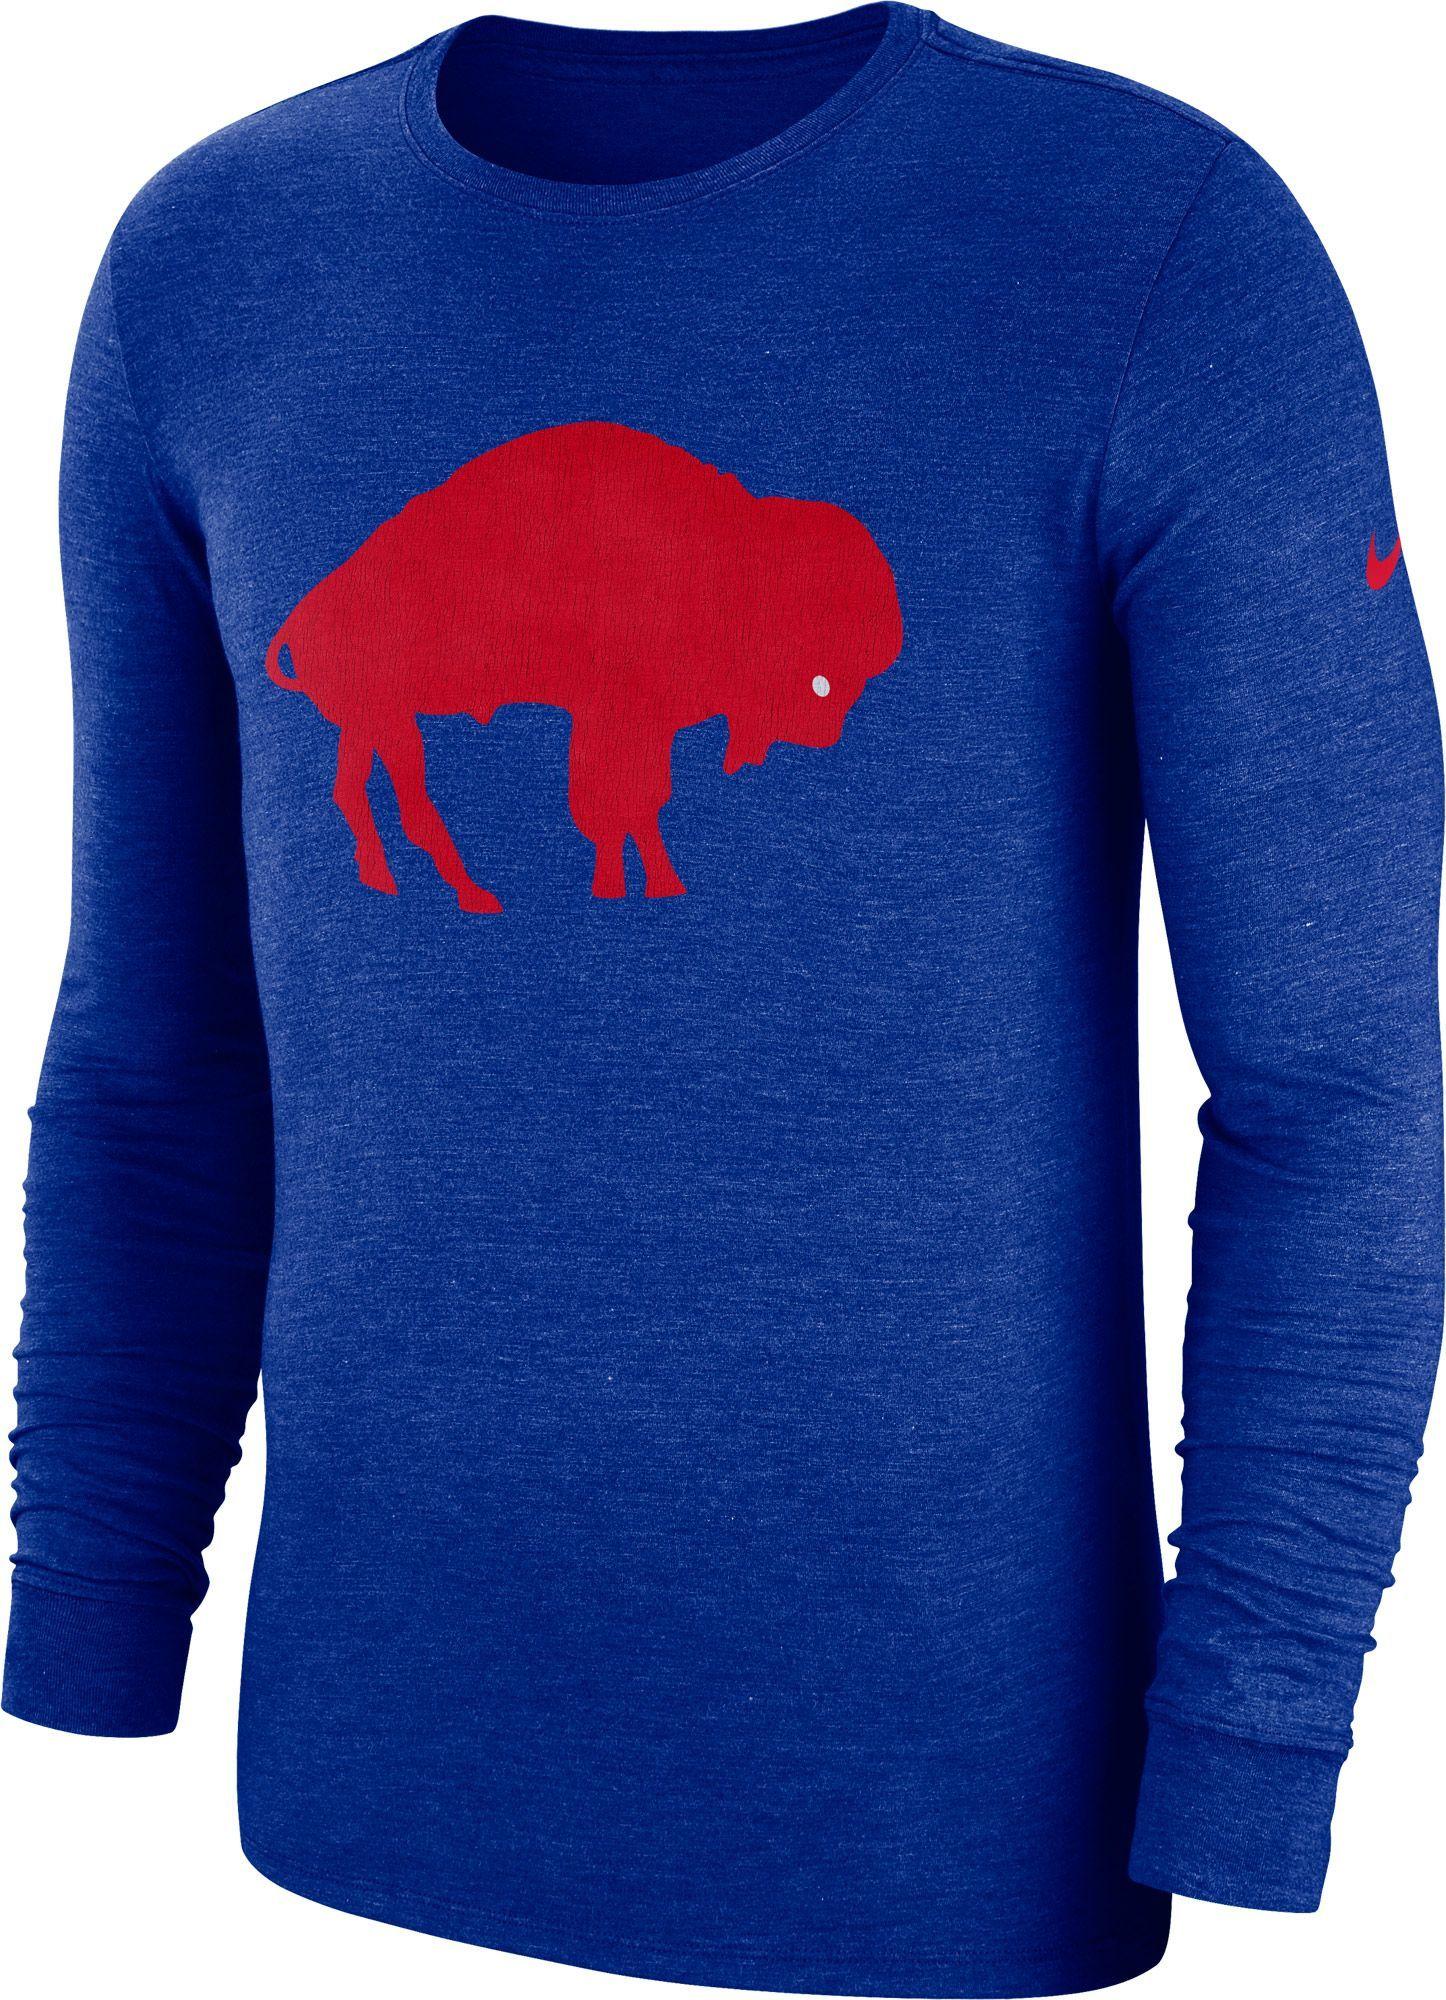 1498ebf9 Nike Men's Buffalo Tri-Blend Historic Crackle Royal Long Sleeve ...